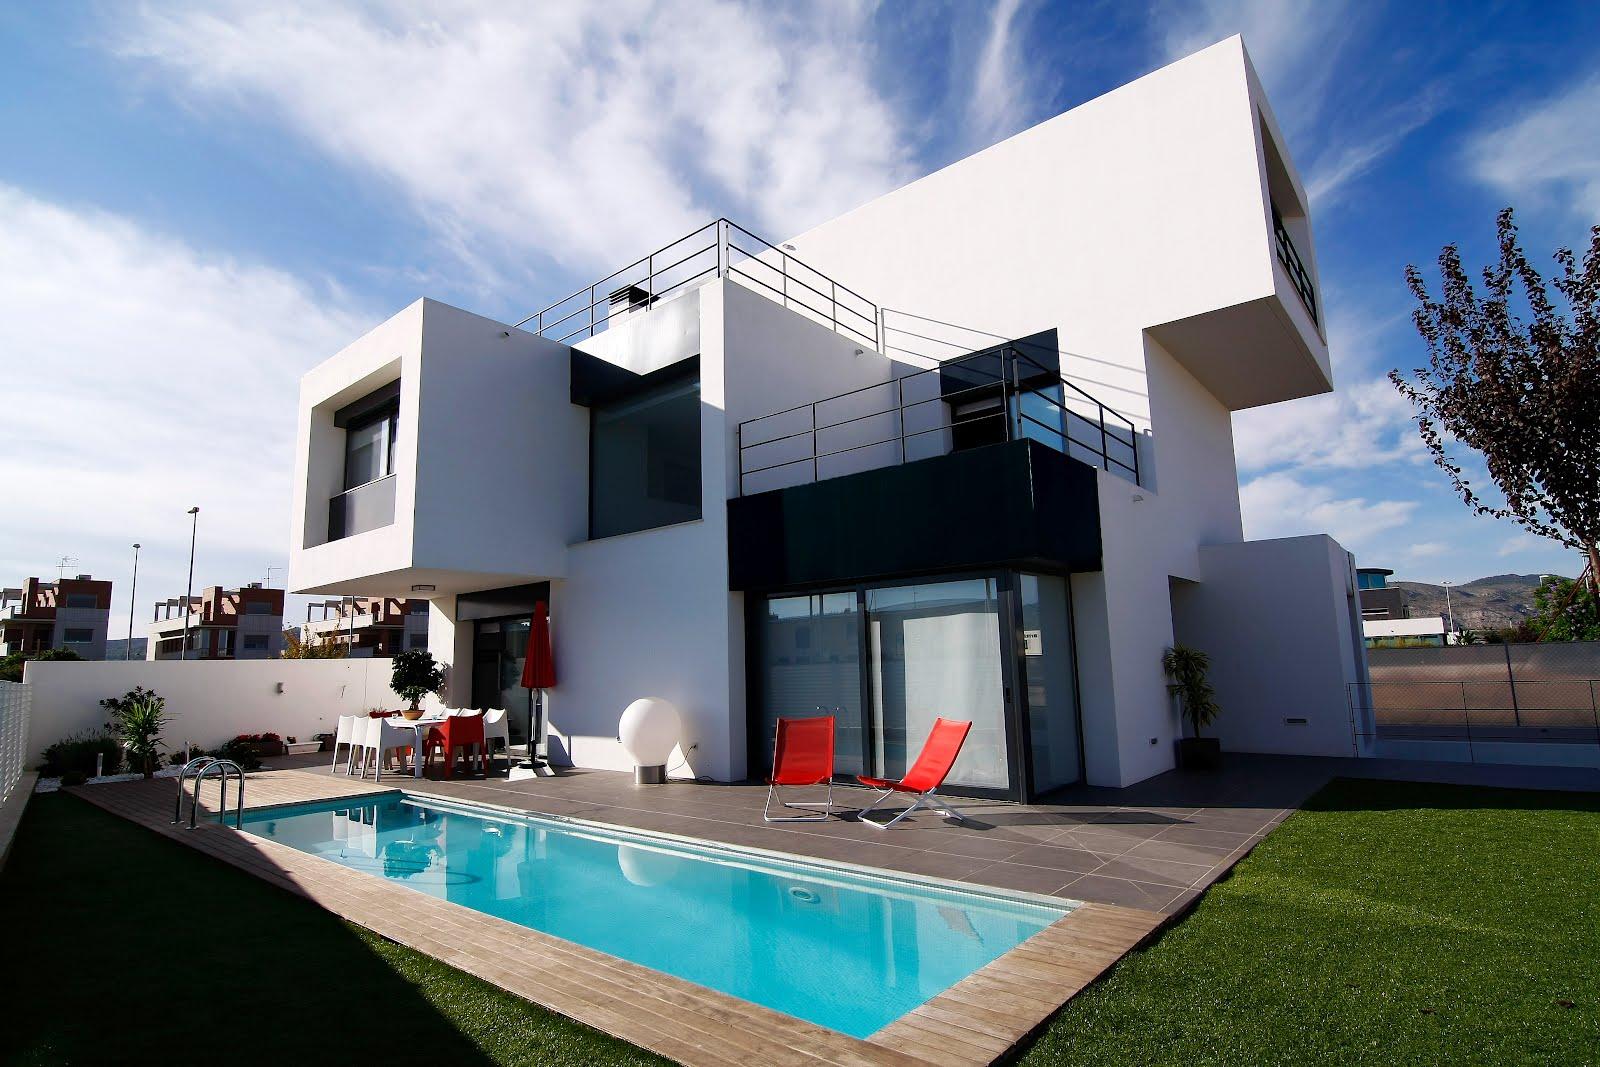 tu casa en fotos isidro manrique fotografia de